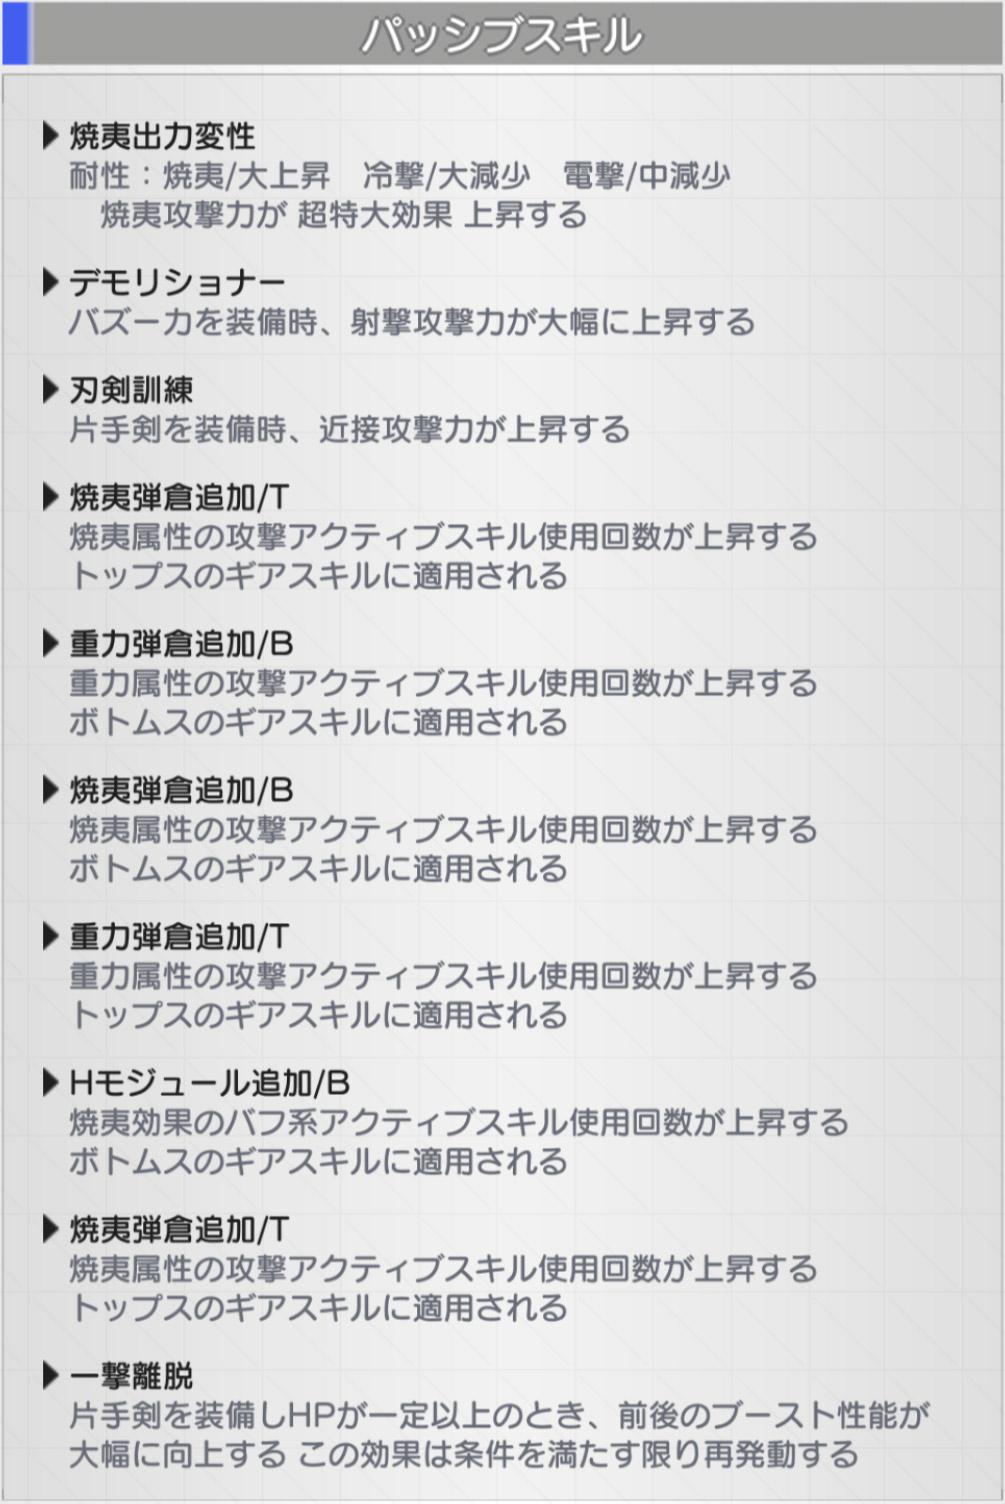 轟雷ハ?ッシフ?.jpg